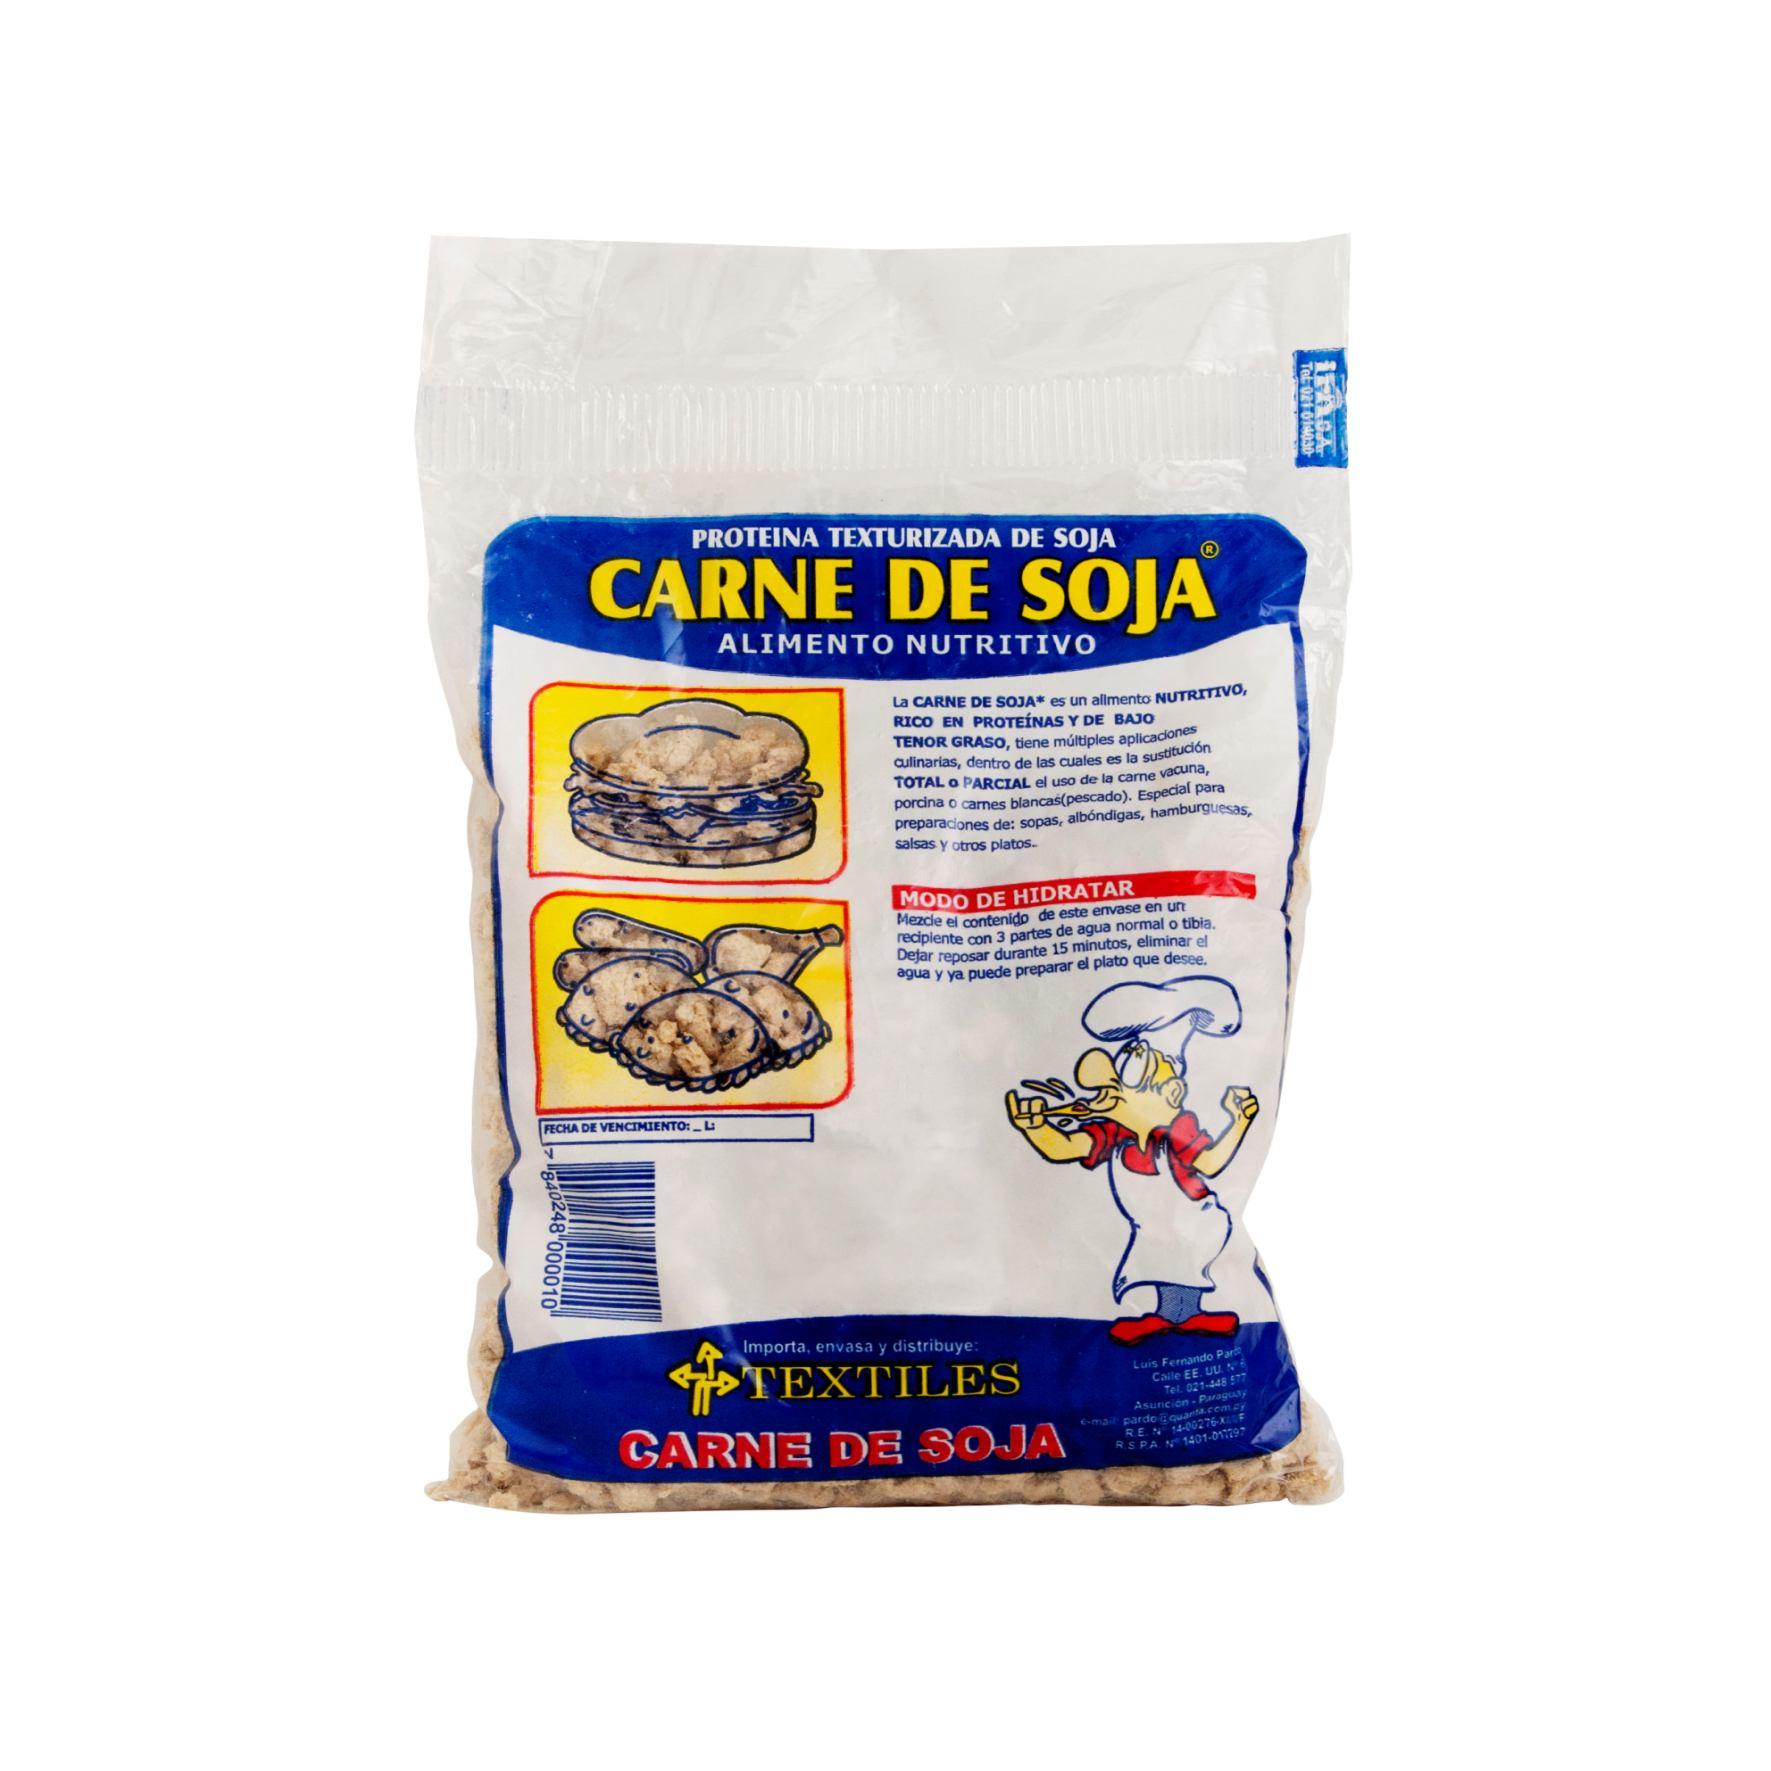 CARNE DE SOJA TLES PAQUETE 500 GR